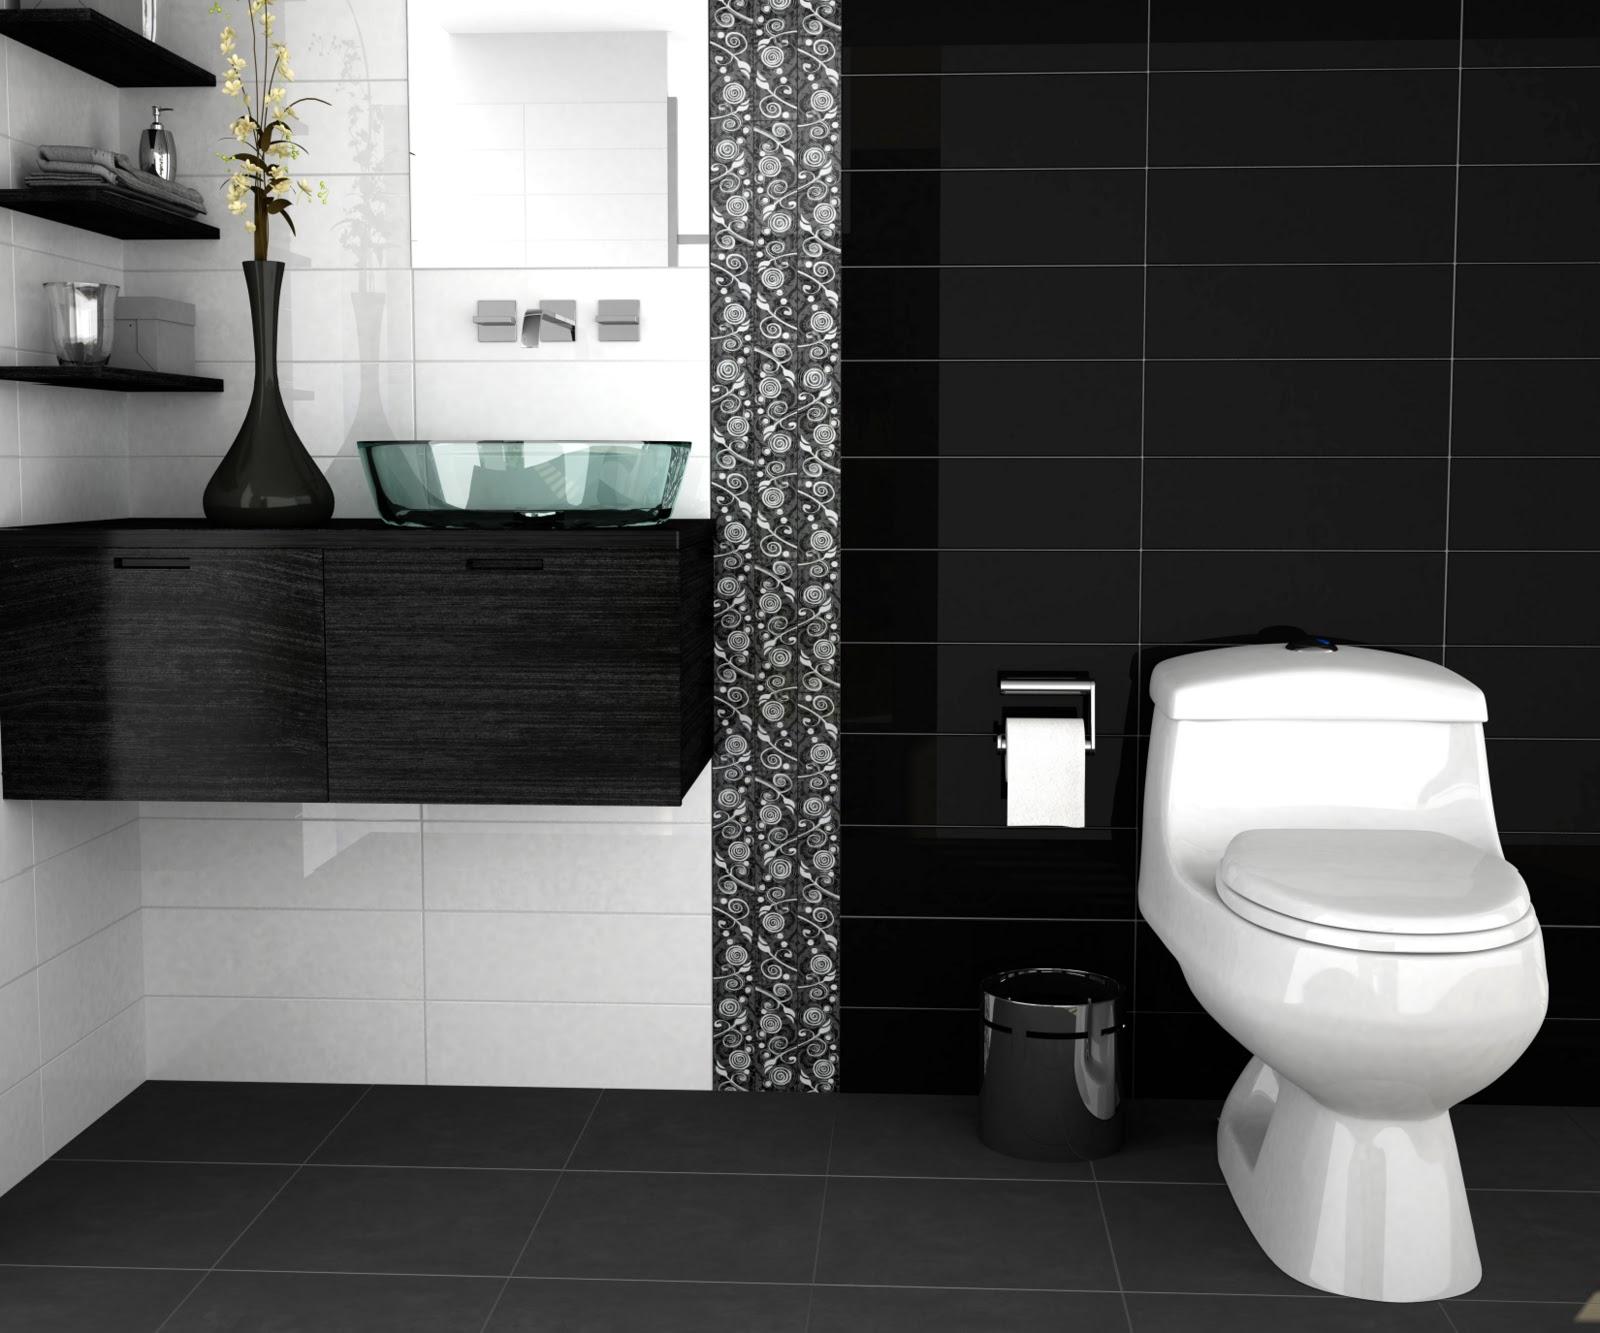 Interiorismo ba os modernos - Banos grises modernos ...